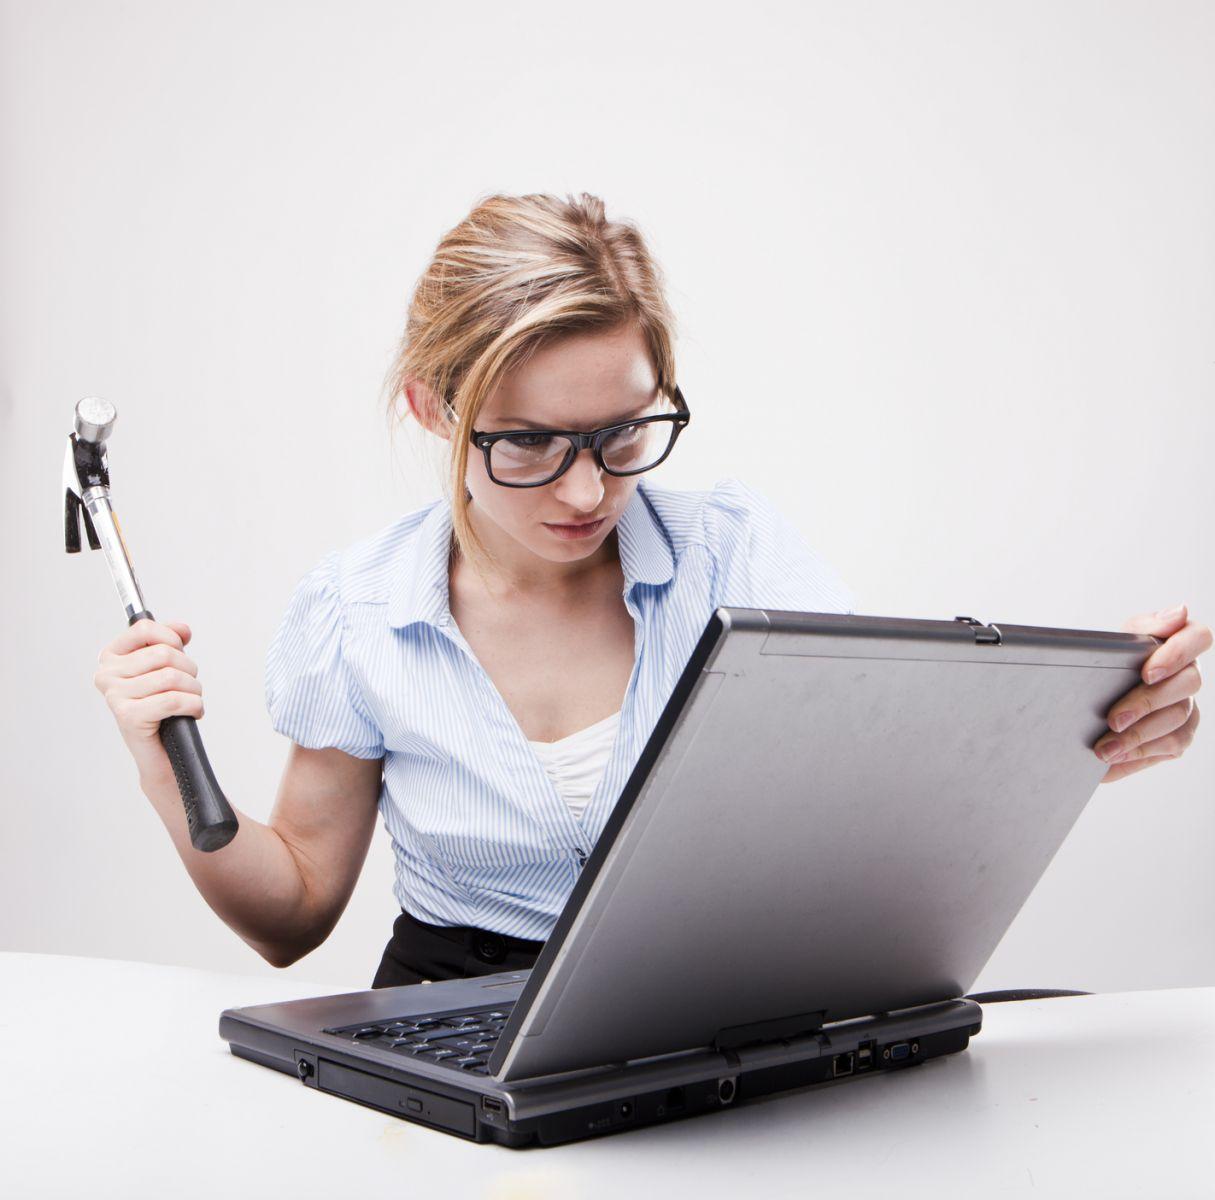 Кто такой секретарь: 6 мифов о девушке в приемной - фото №5